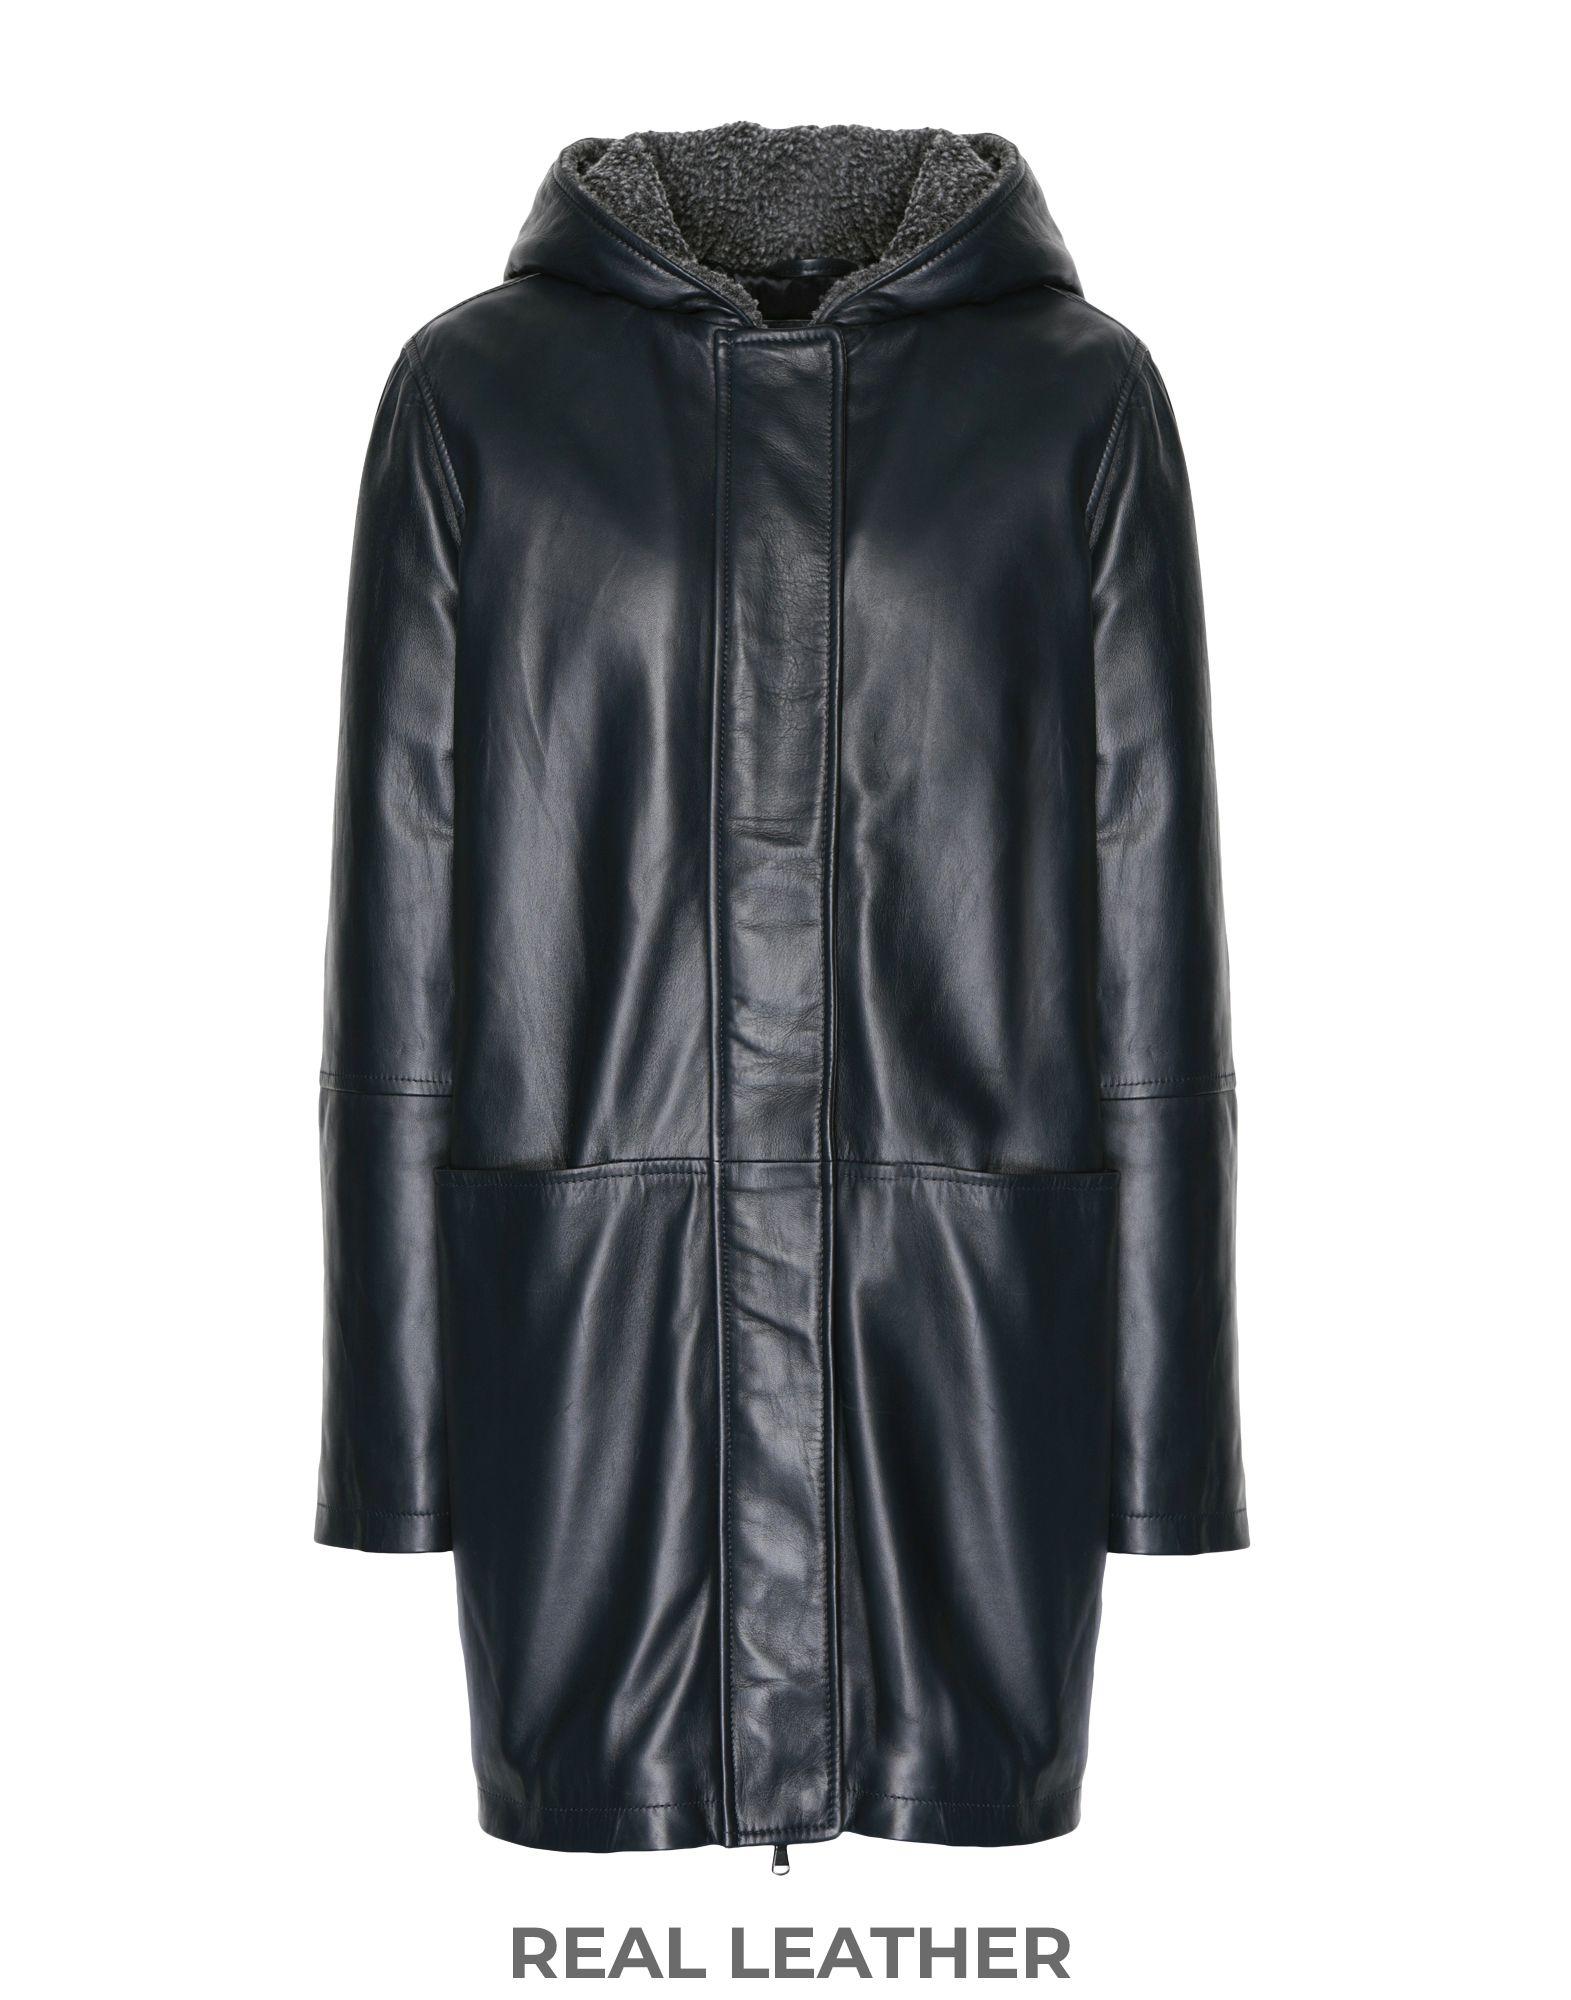 Фото - 8 by YOOX Куртка куртки пальто пуховики coccodrillo куртка для девочки wild at heart